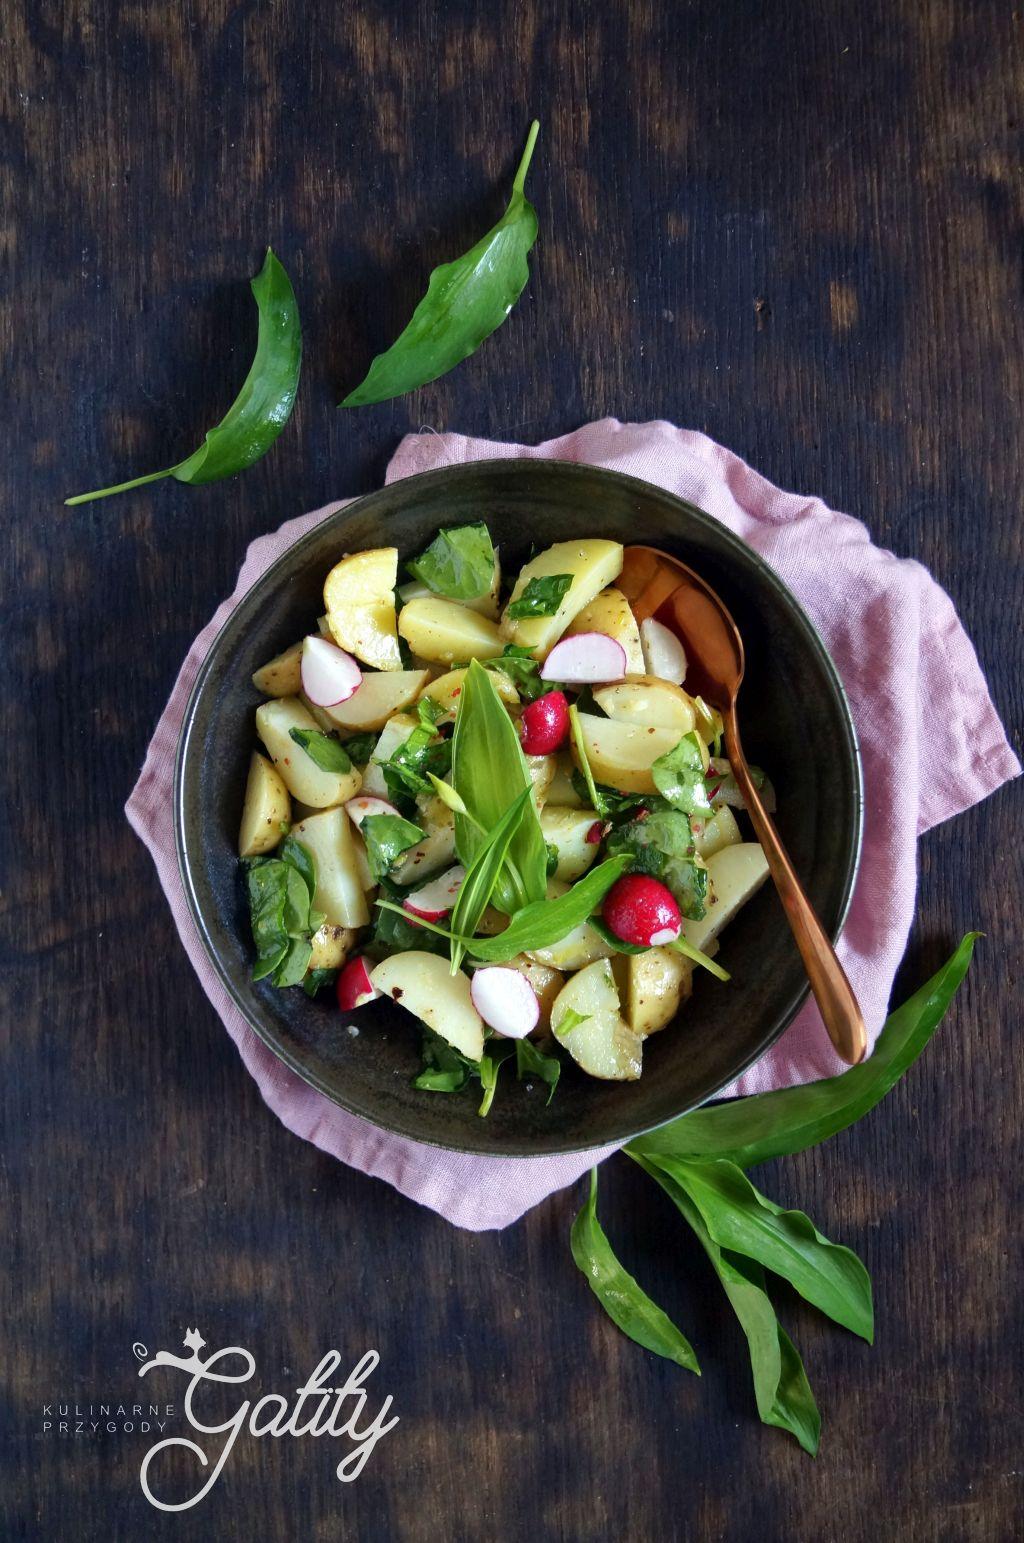 salatka-ziemniaki-zielone-listki-na-drewnianym -tle